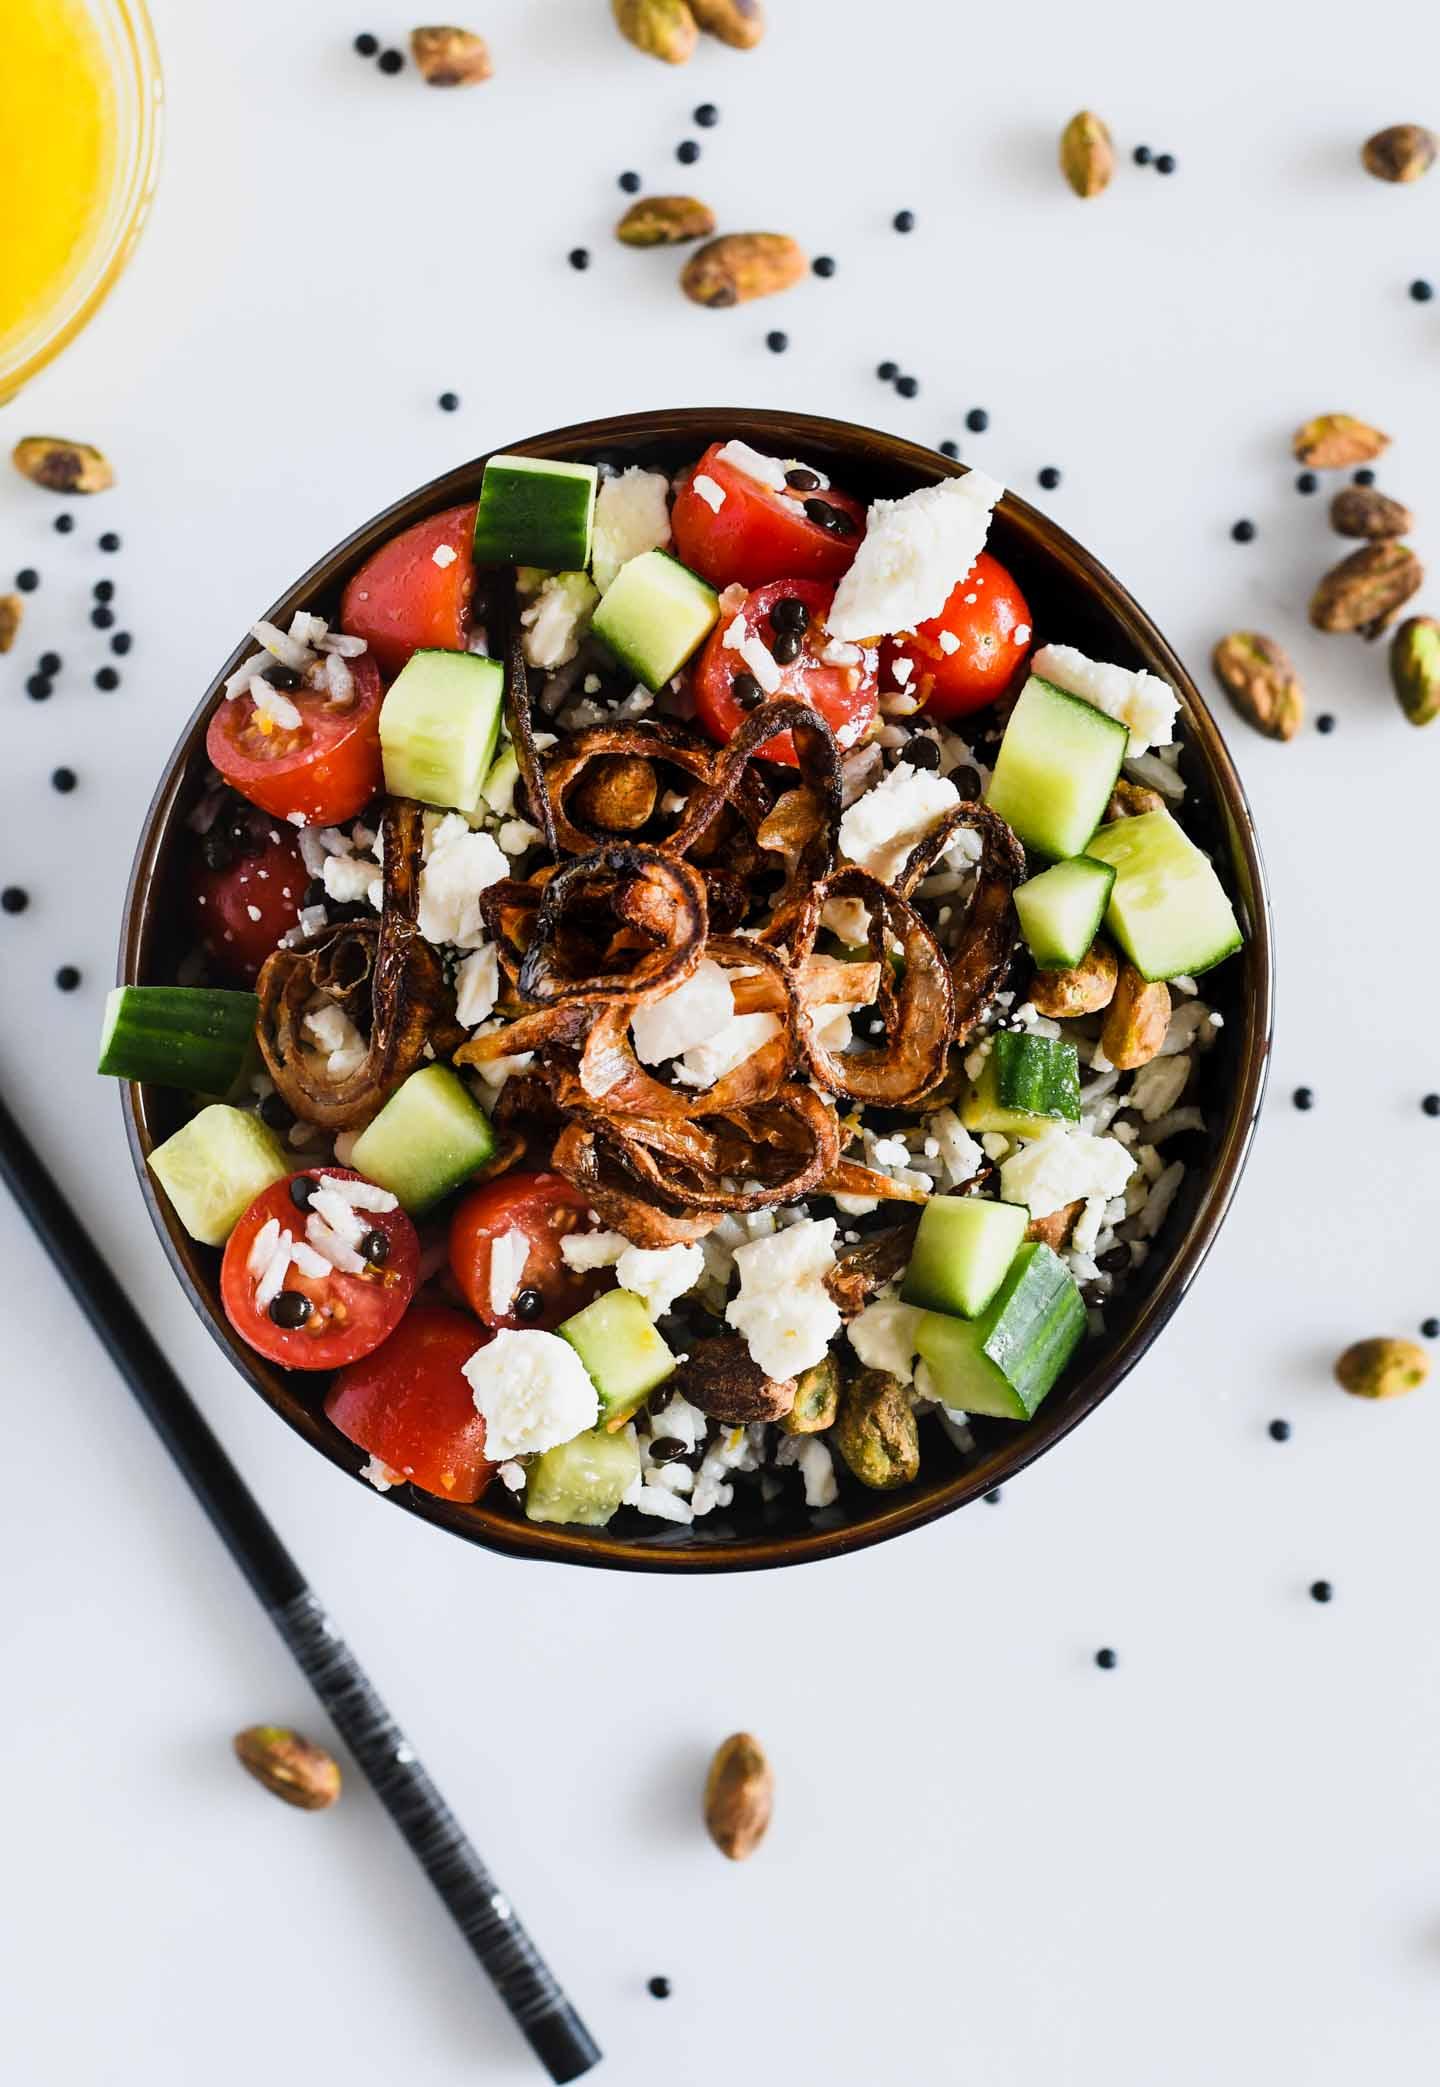 Beluga Lentil And Basmati Rice Salad A Unique Lentil Recipe